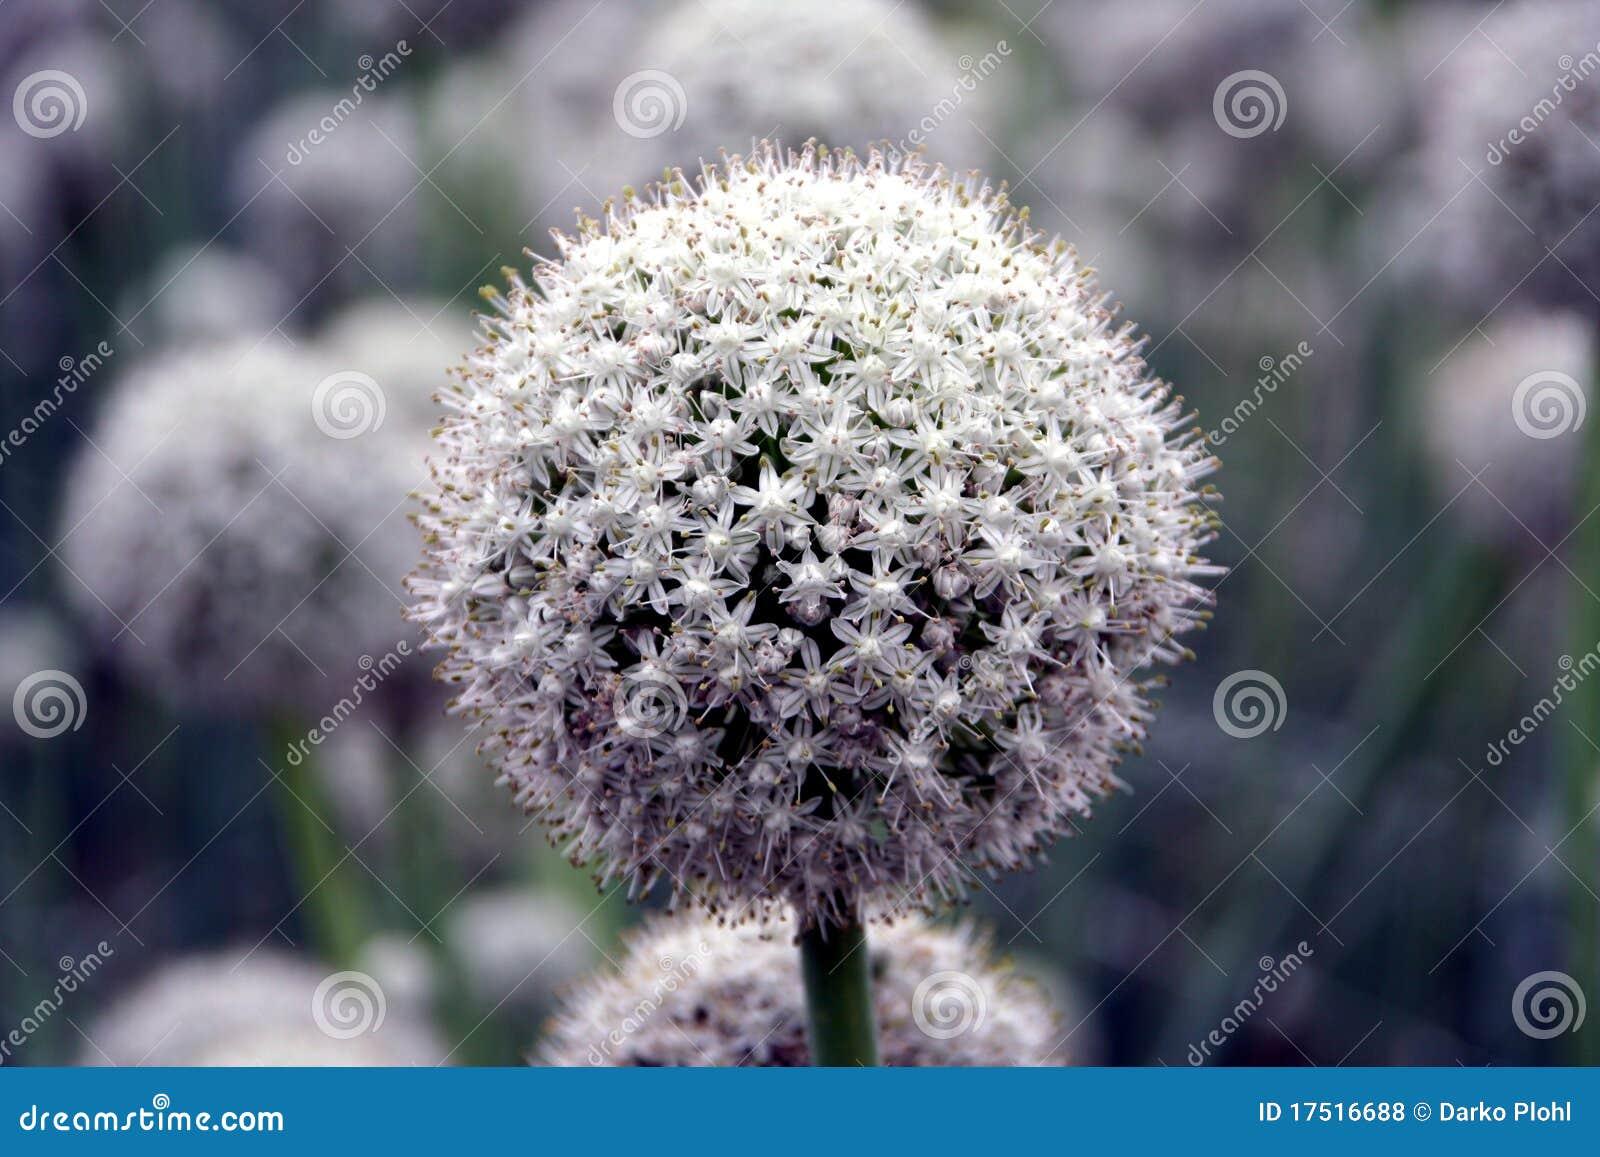 fleur de graine d 39 oignon photos libres de droits image 17516688. Black Bedroom Furniture Sets. Home Design Ideas